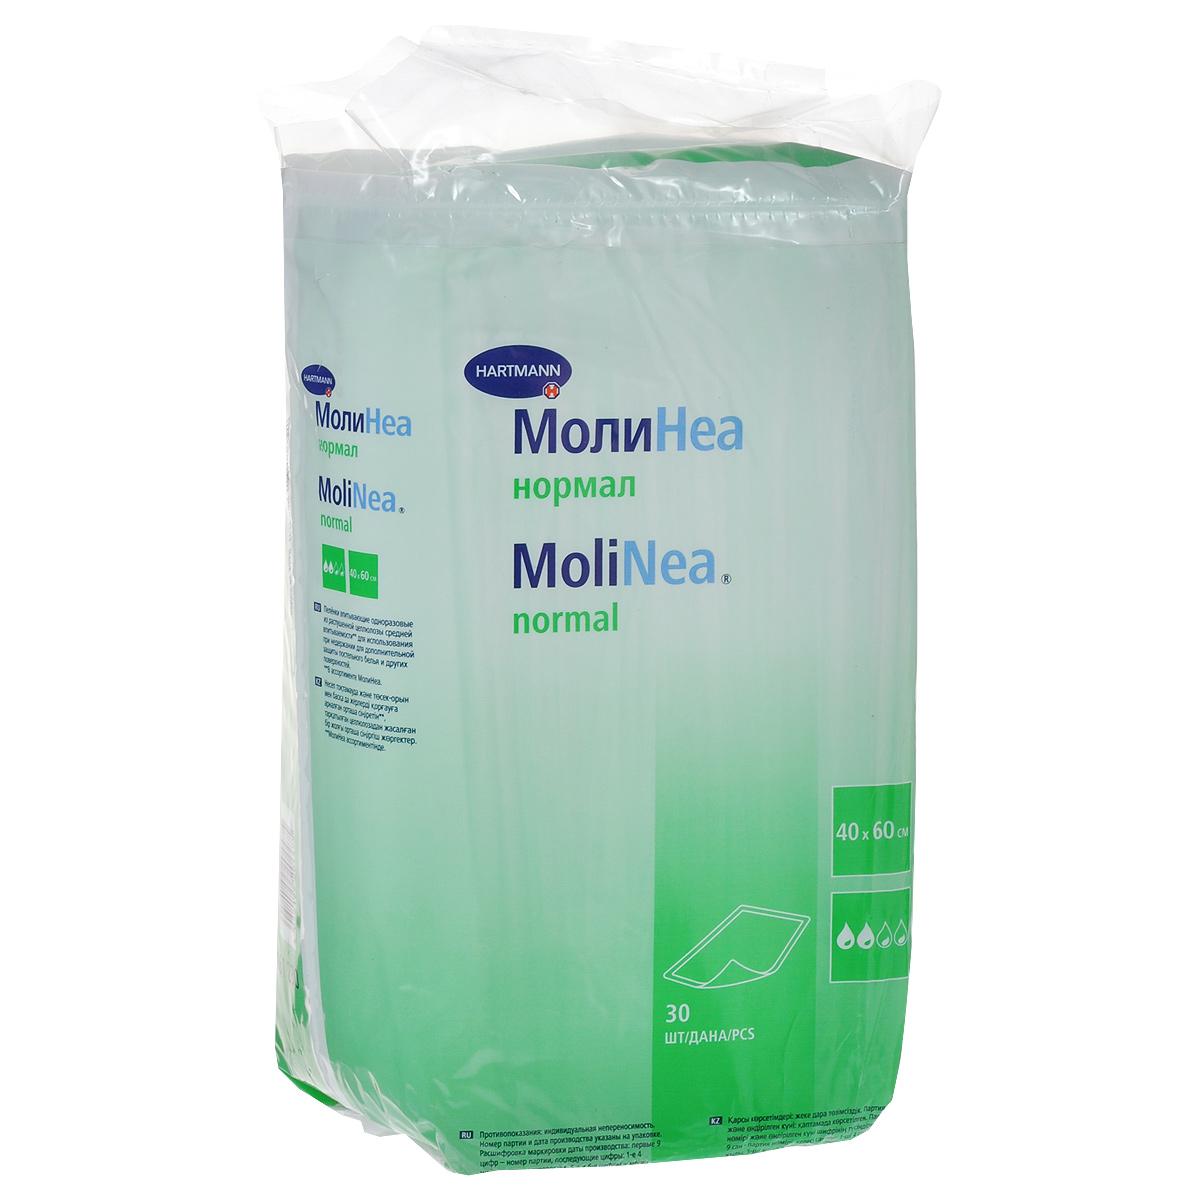 Одноразовые впитывающие пеленки Molinea (Молинеа) Normal, 40 см х 60 см, 30 шт одноразовые пеленки greenty гринти 60 см x 90 см 10 шт